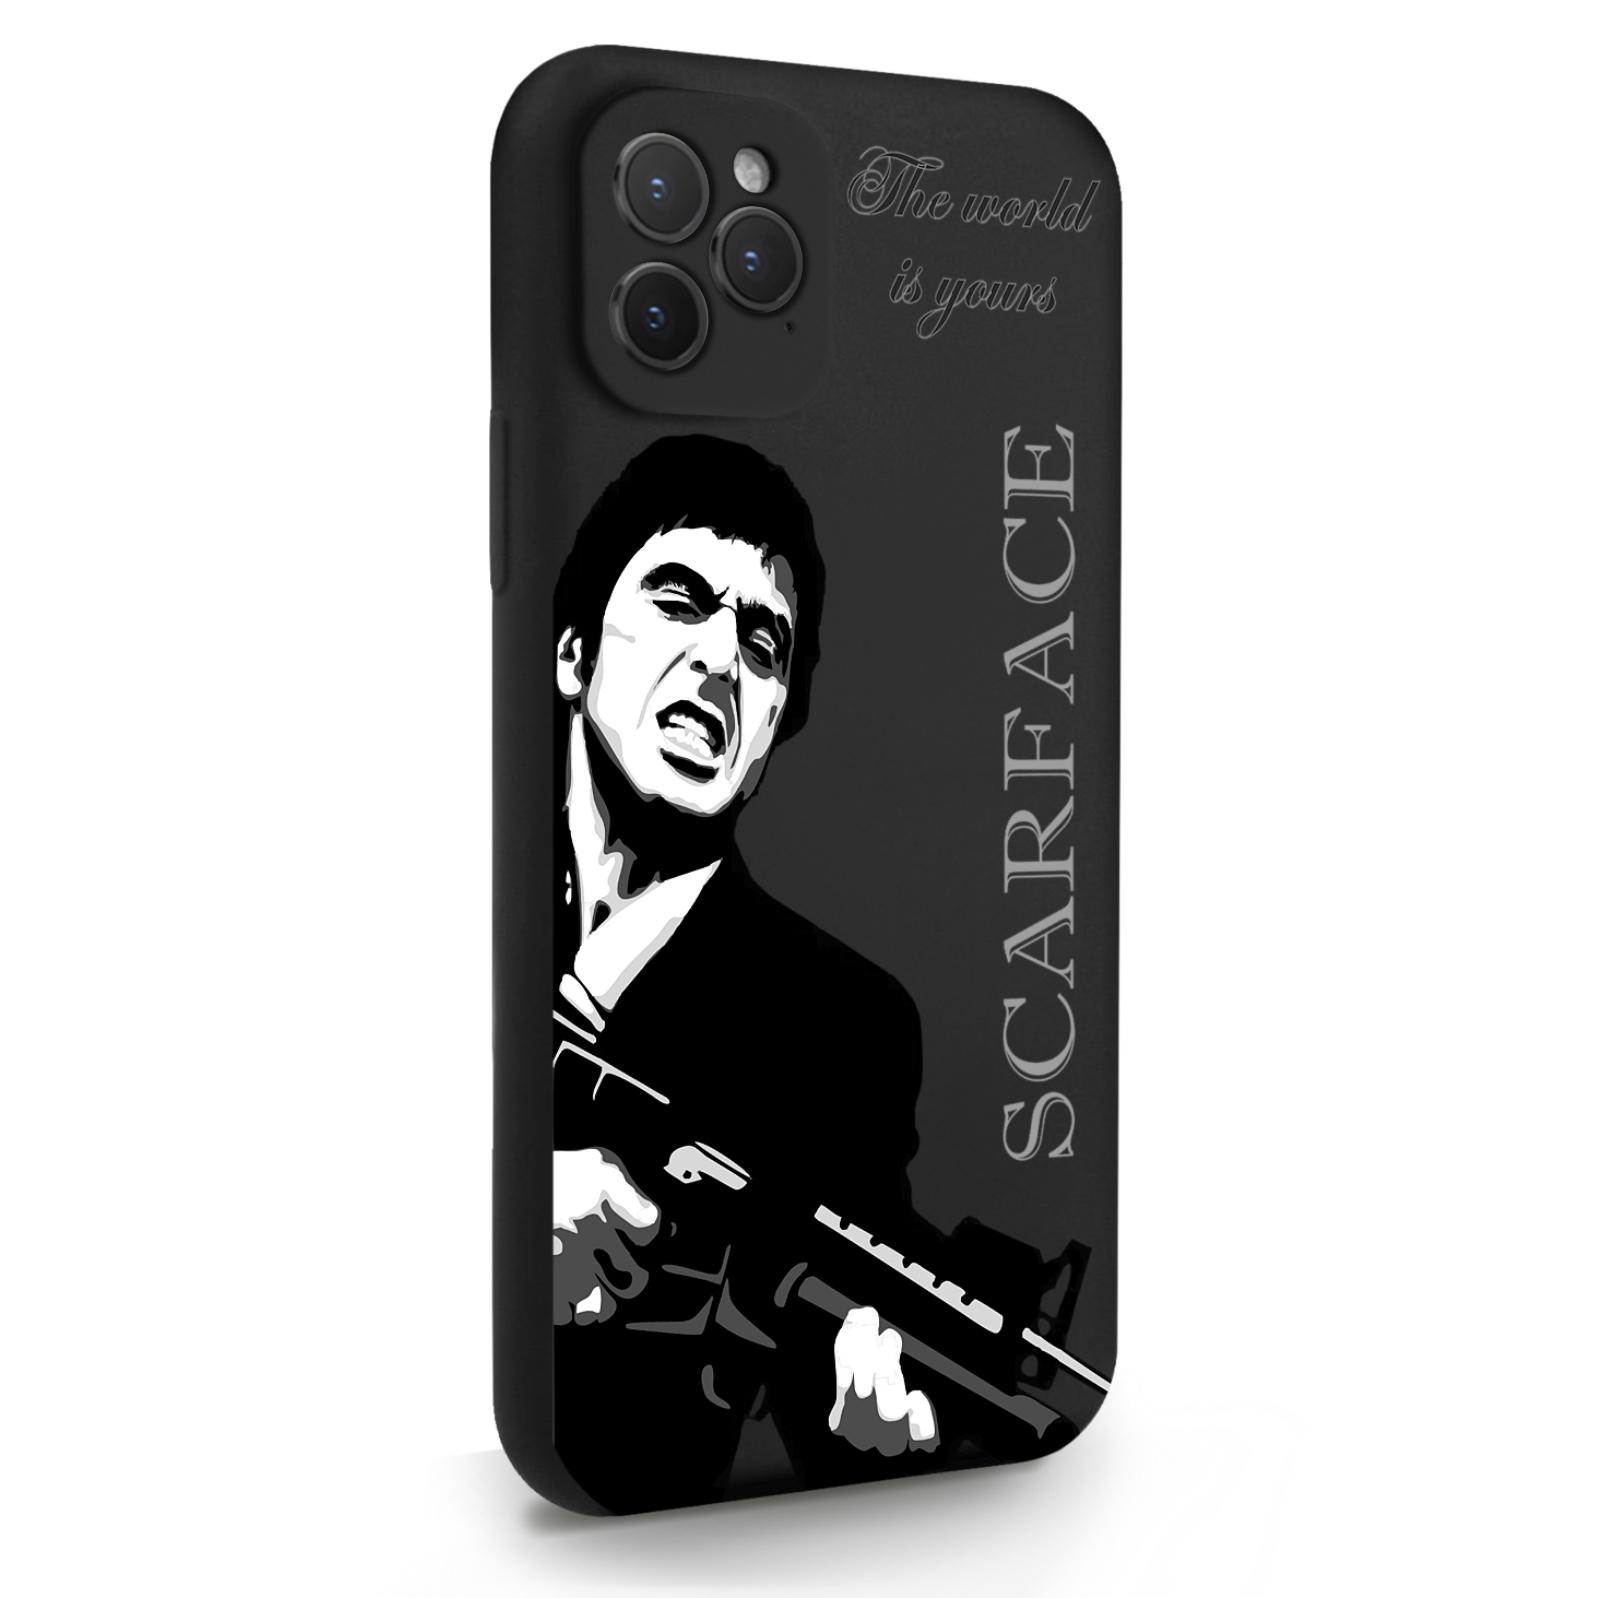 Черный силиконовый чехол для iPhone 11 Pro Scarface Tony Montana/ Лицо со шрамом для Айфон 11 Про